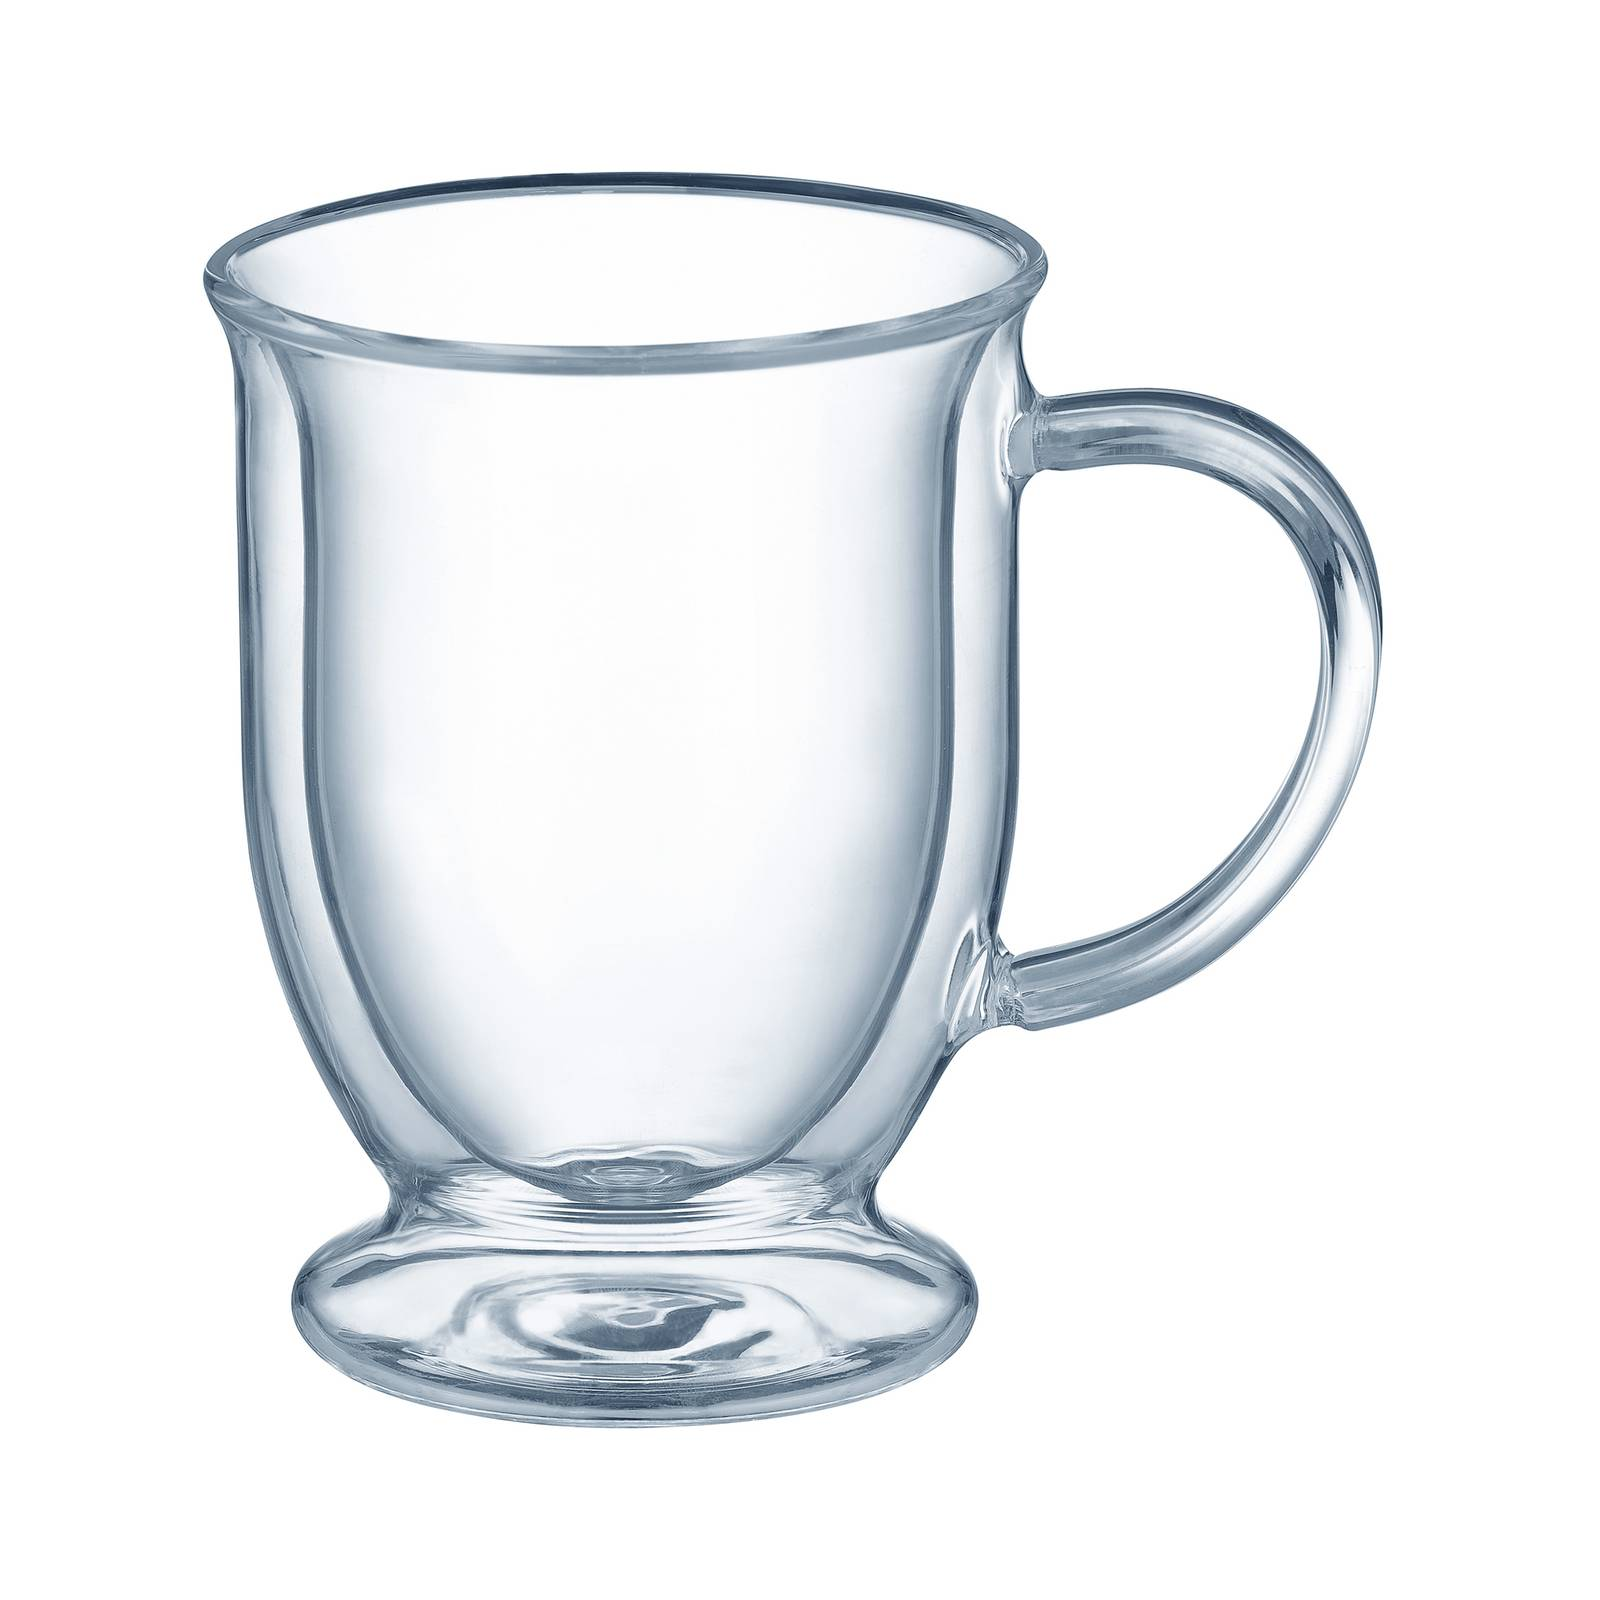 Kubek / szklanka termiczna Mia 370 ml AMBITION